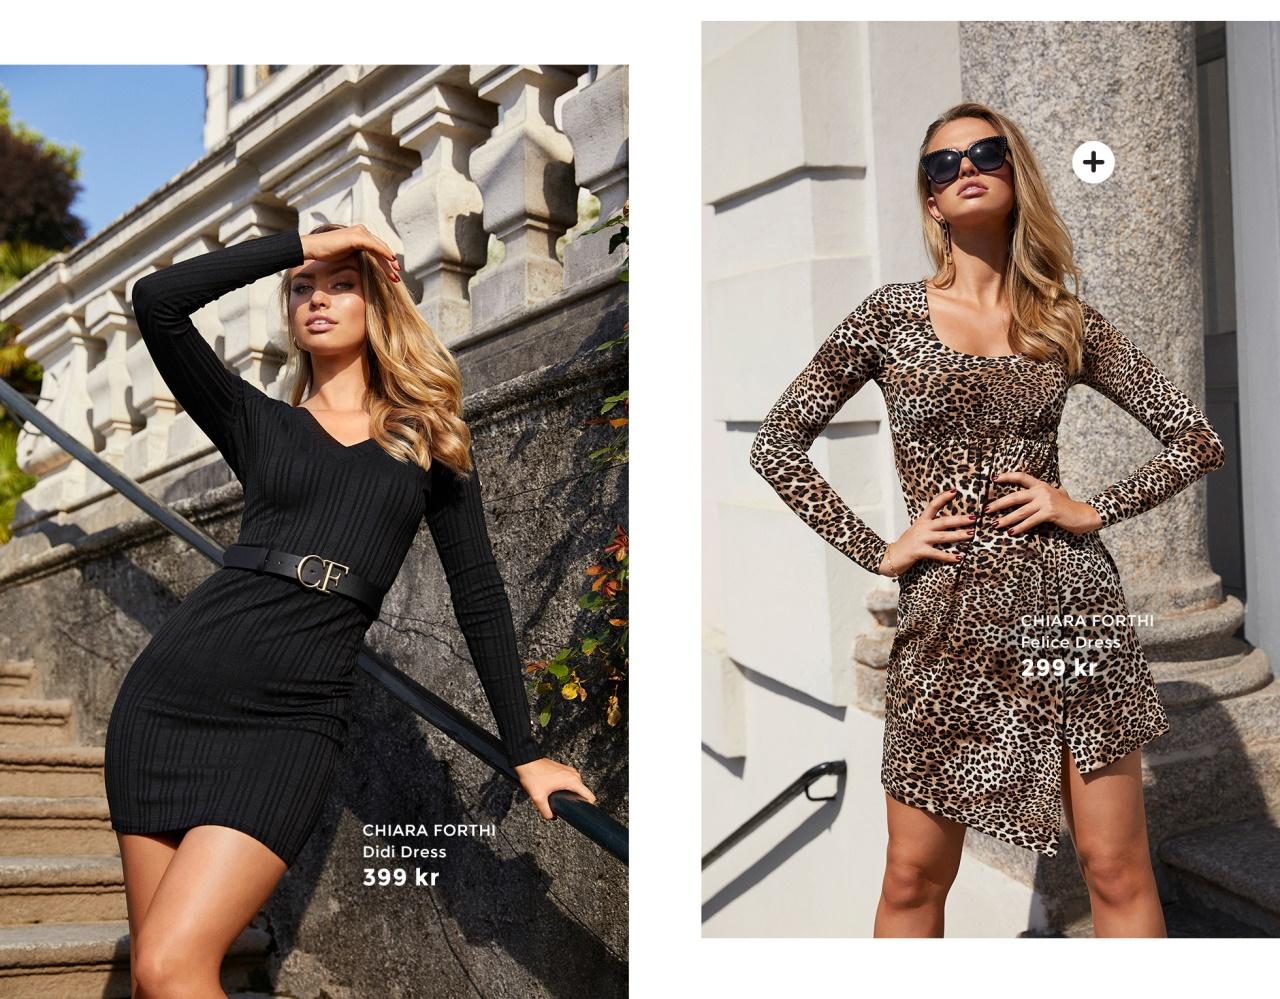 Detaljrika klänningar och leo prints